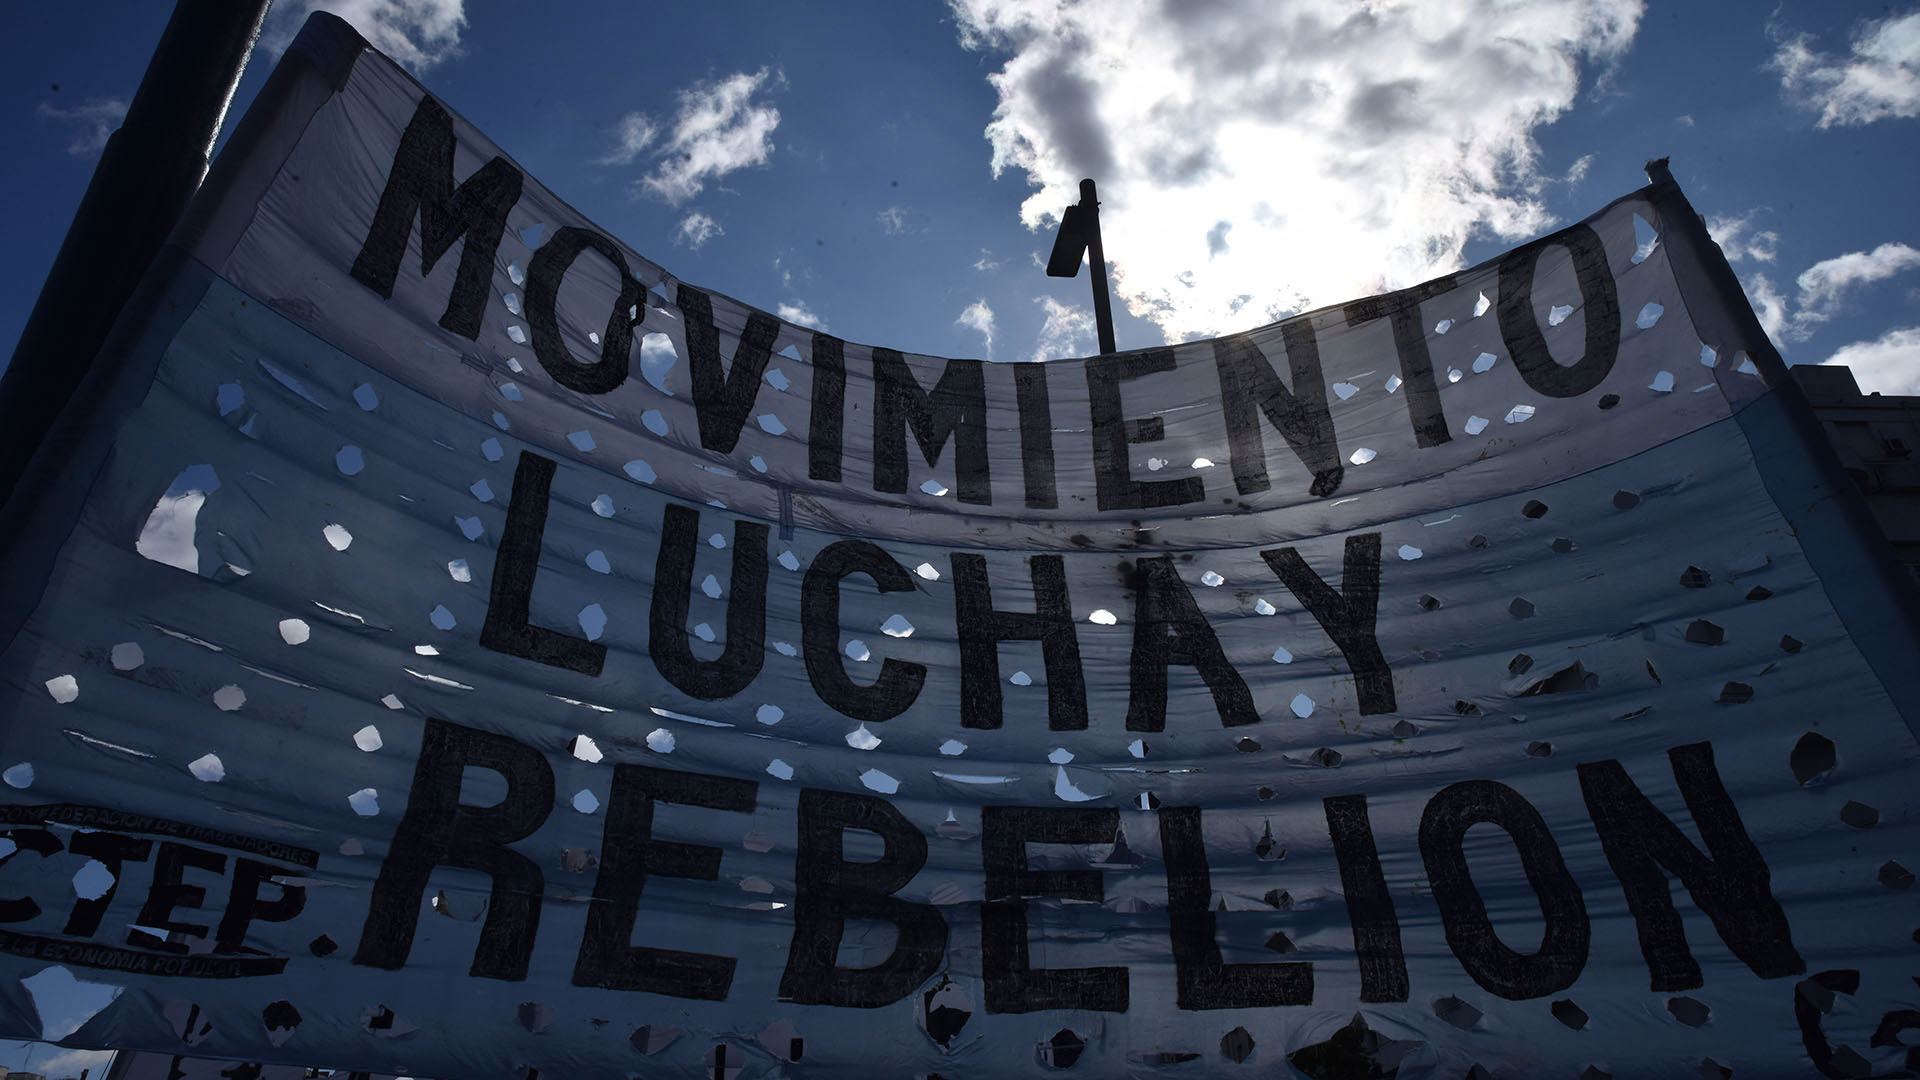 La bandera de uno de los movimientos sociales que participó de la marcha